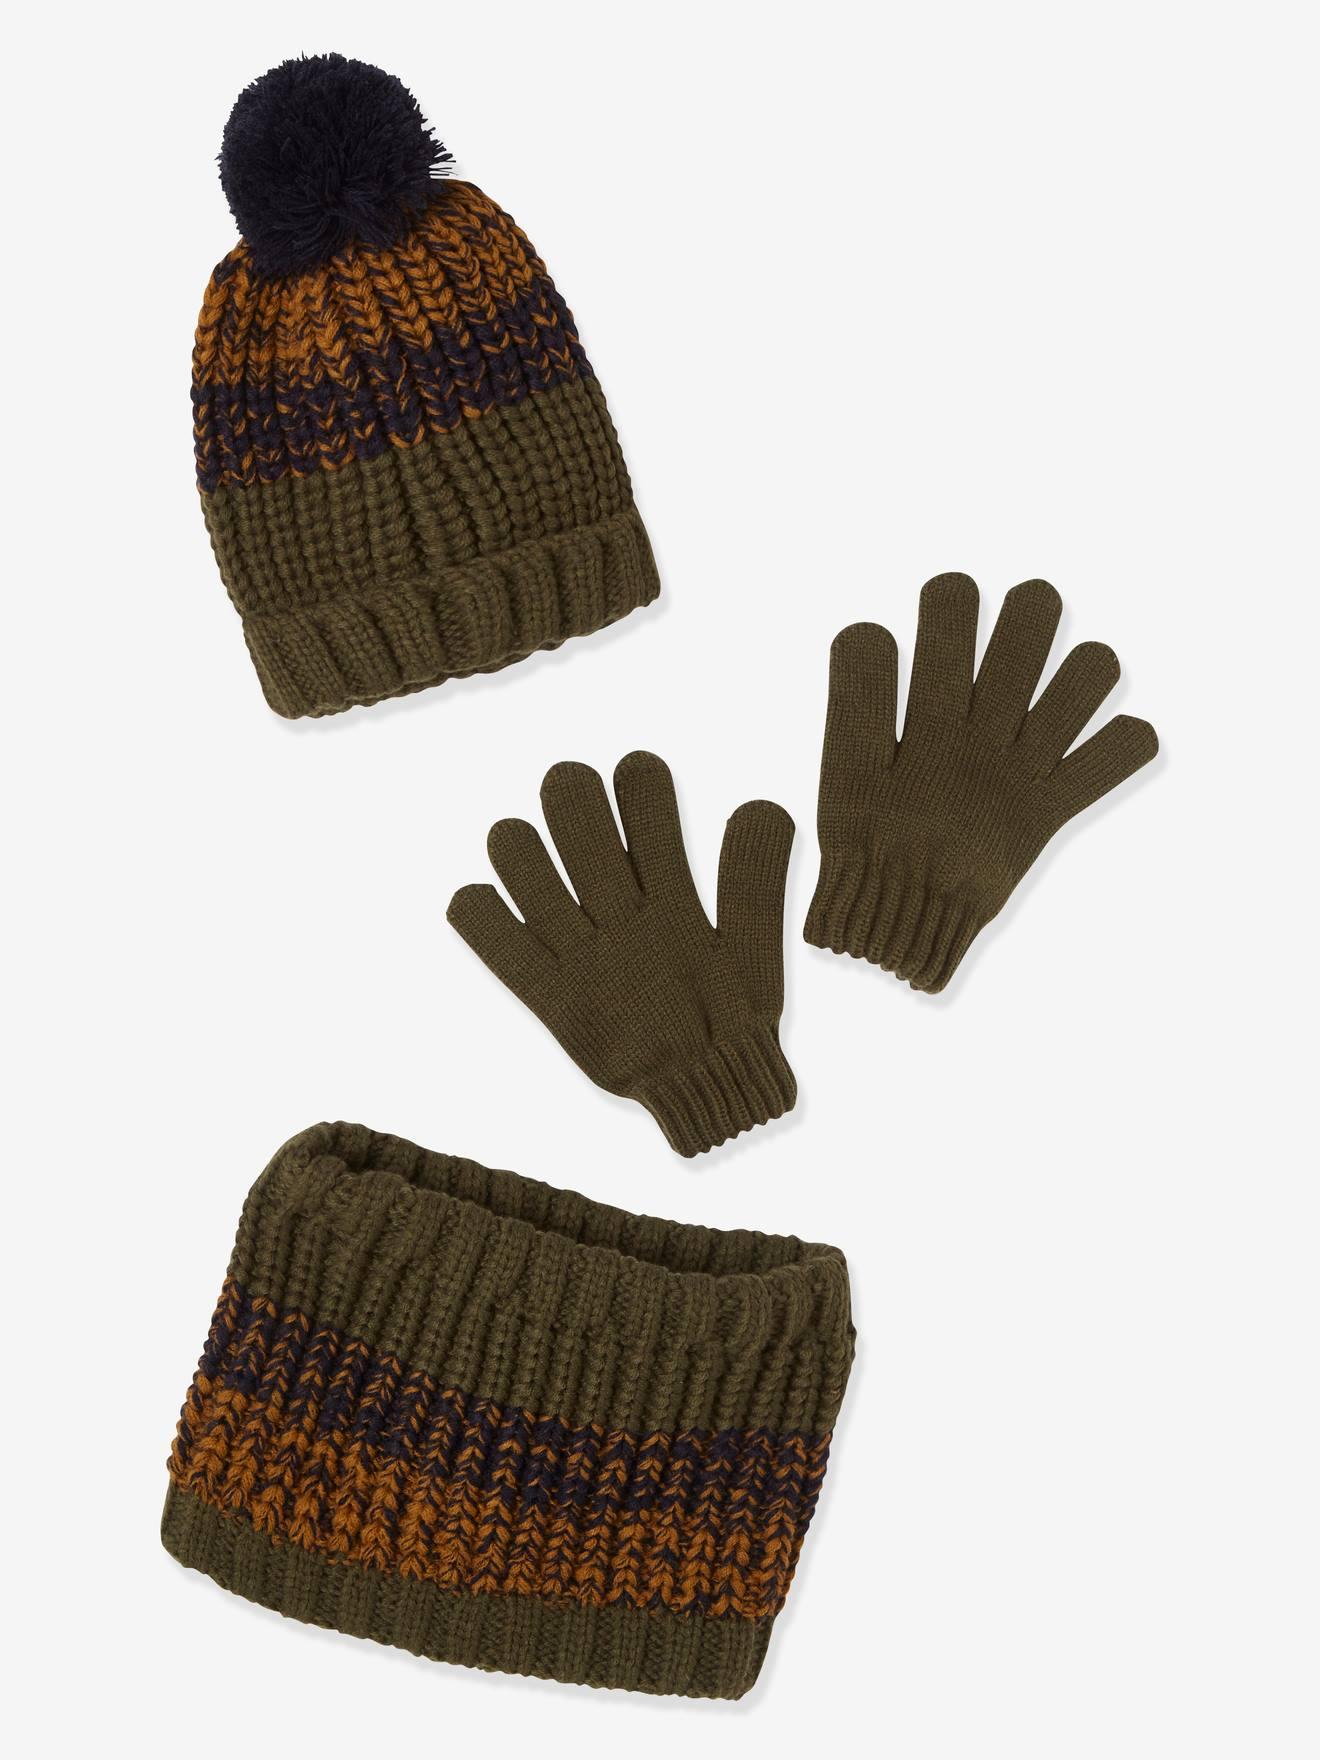 ANIMQUE Winterm/ütze Schal Handschuhe Set f/ür Jungen M/ädchen 0-8 Jahre Warm Fleece Gef/üttert Baby Kinder Strickm/ütze Beanie Halst/ücher F/äustlinge Oktopus